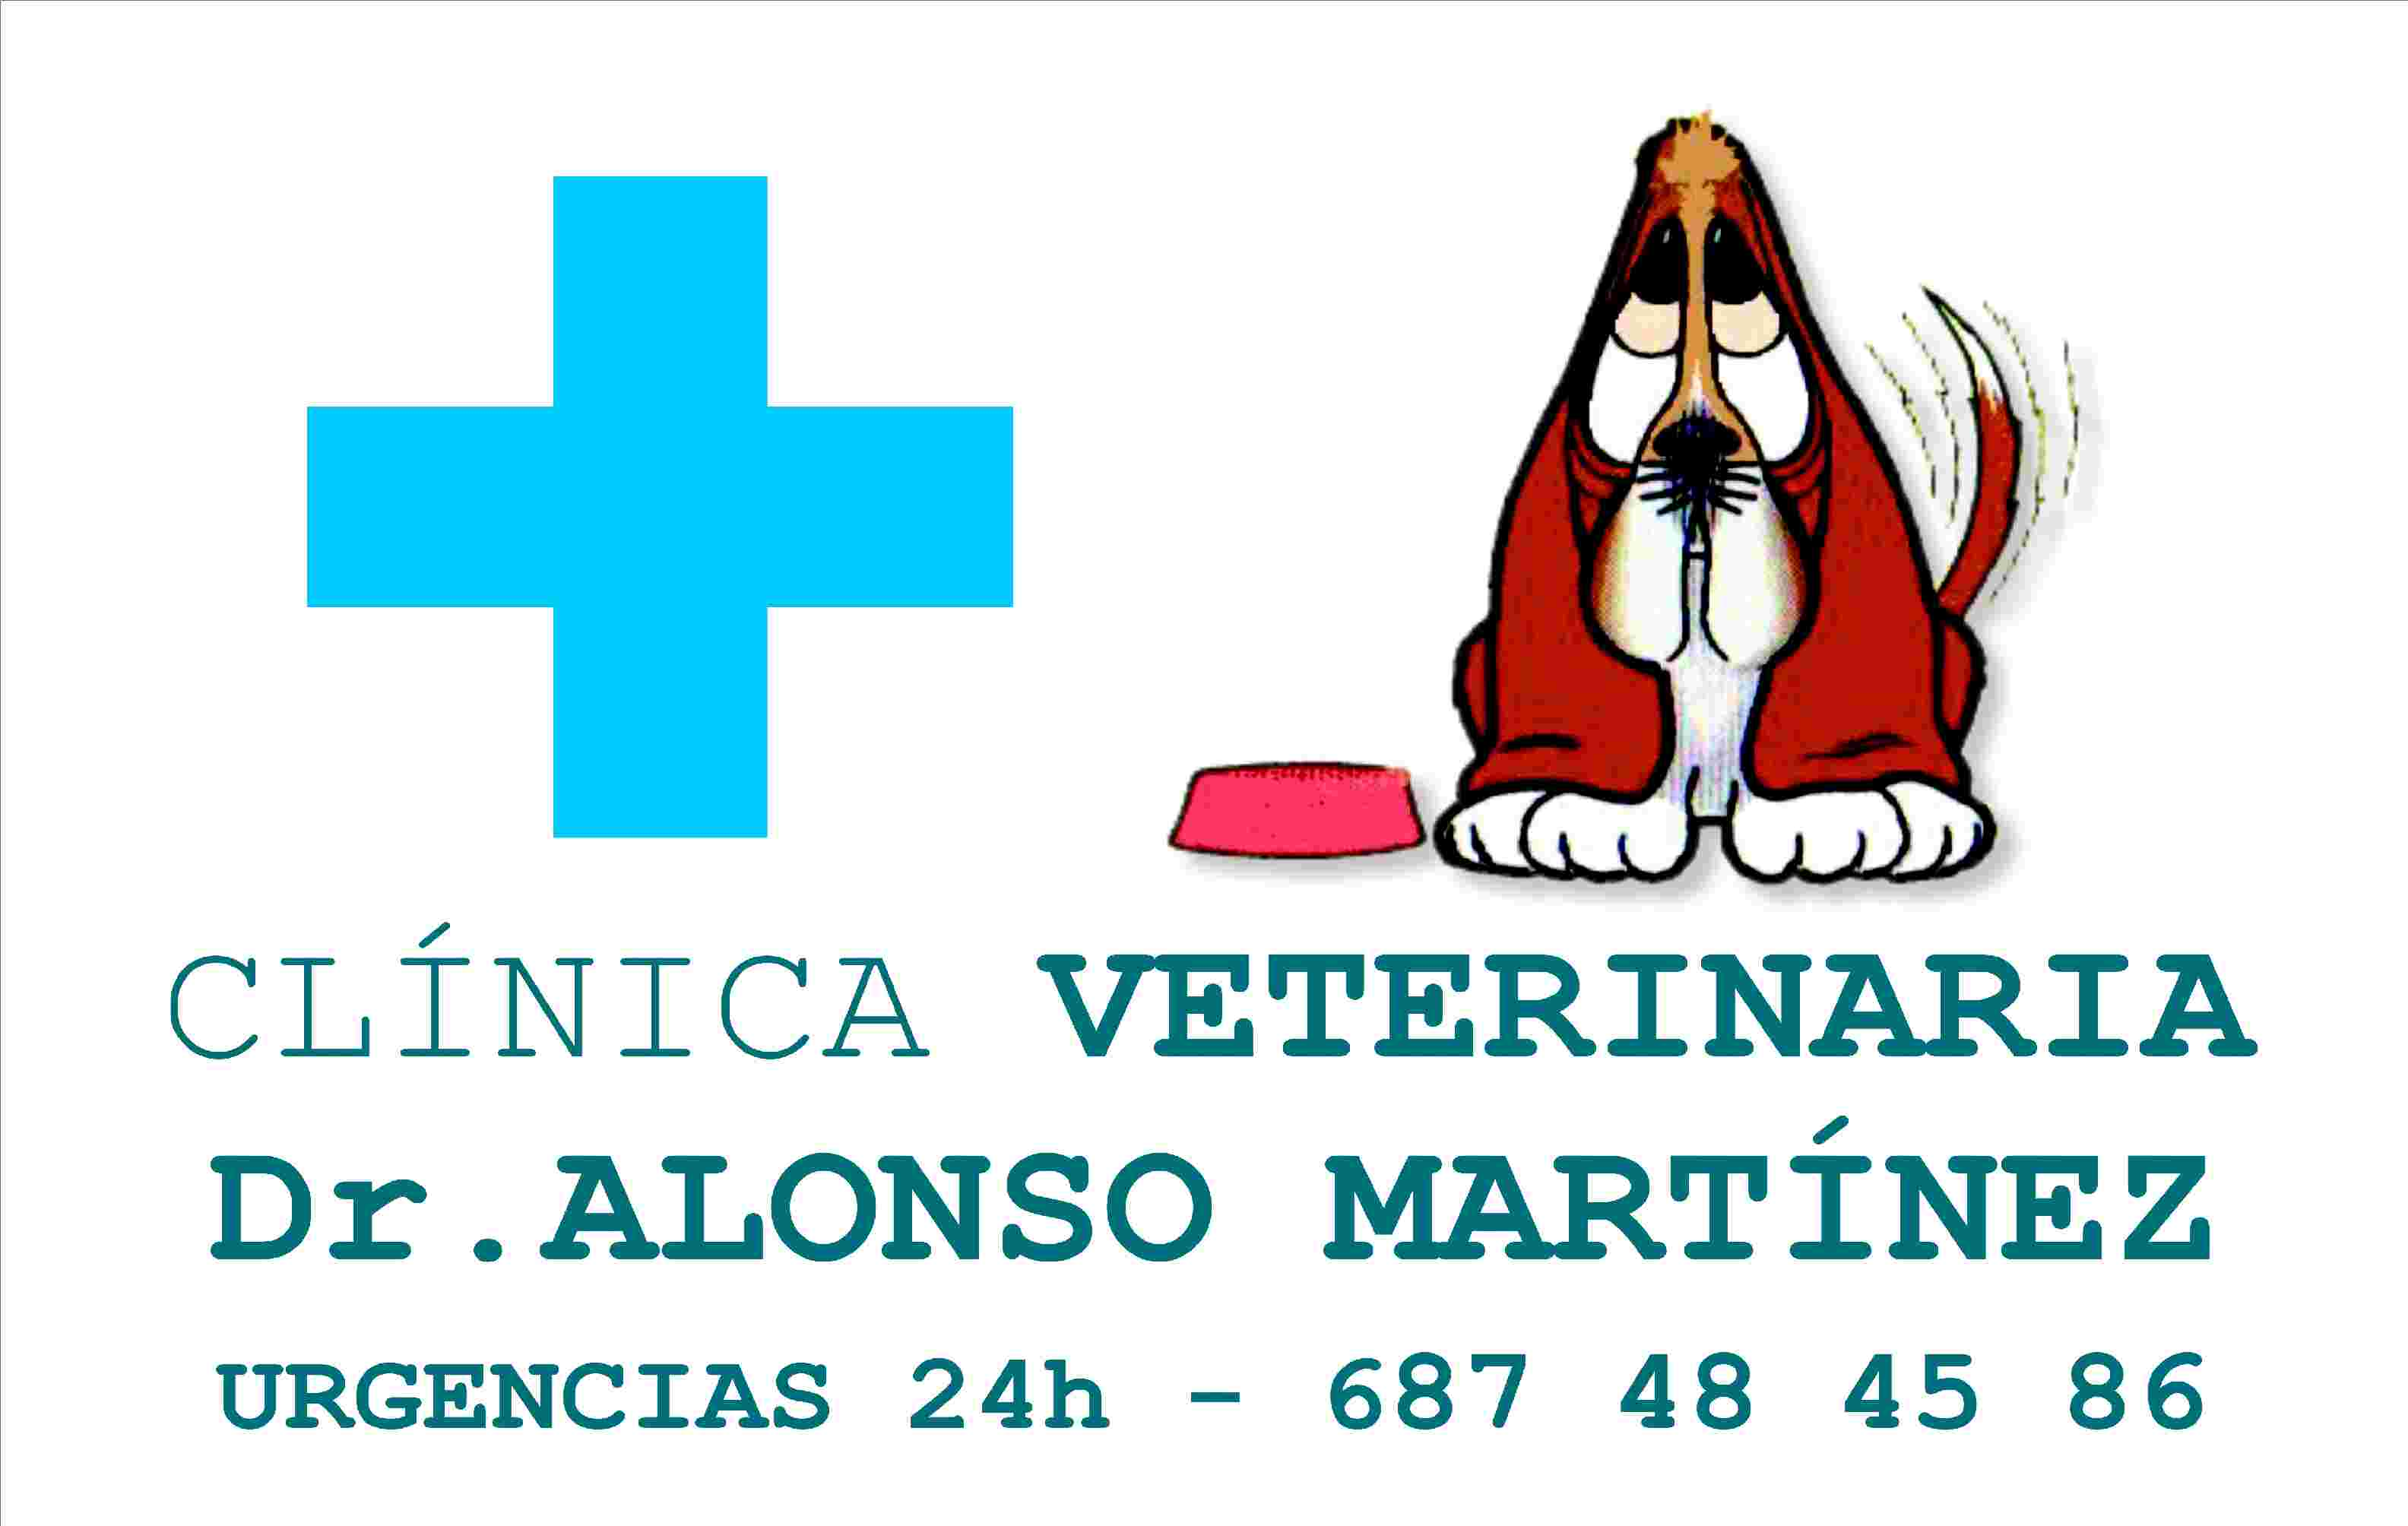 Foto 69 de Veterinarios en Málaga | Clínica Veterinaria Dr. Alonso Martínez